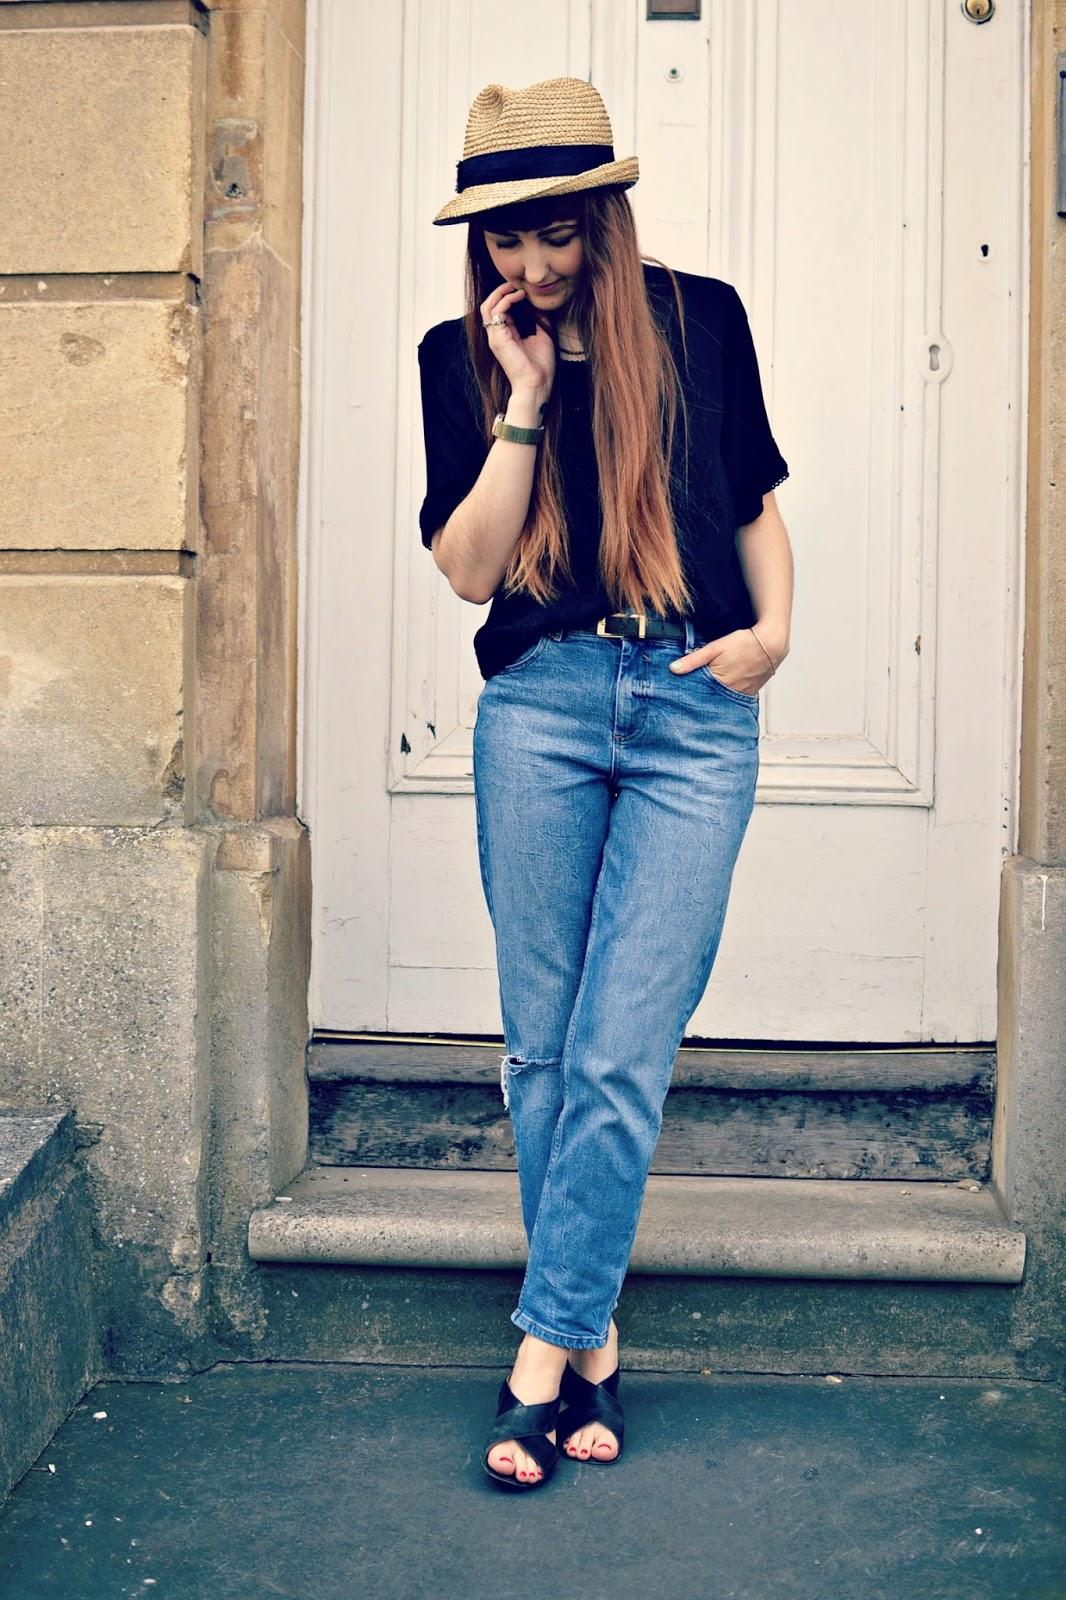 vintage outfit post, vintage ootd